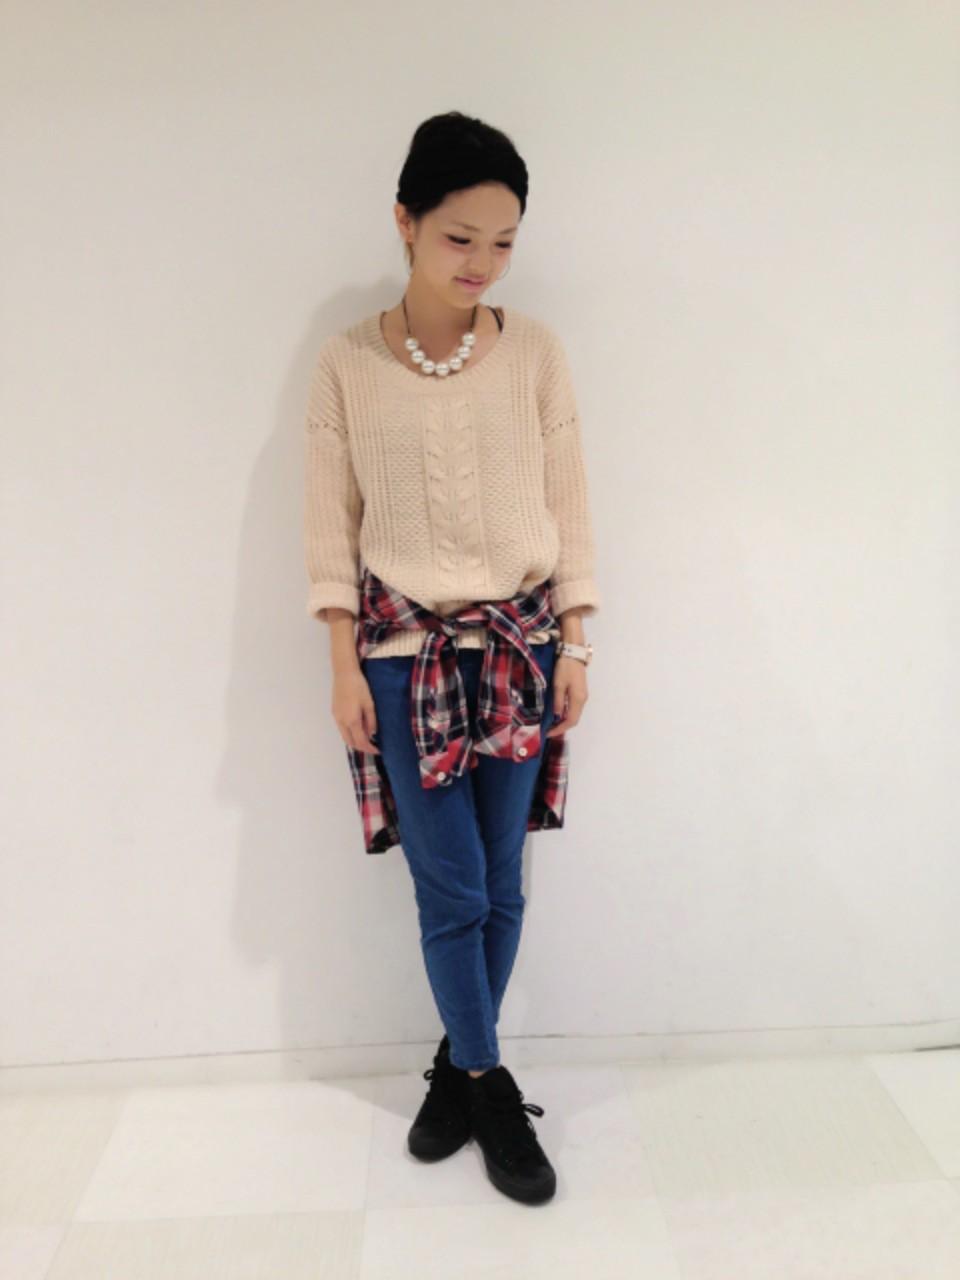 大人から子供まで、カジュアルでおしゃれな服をご紹介します☆のサムネイル画像